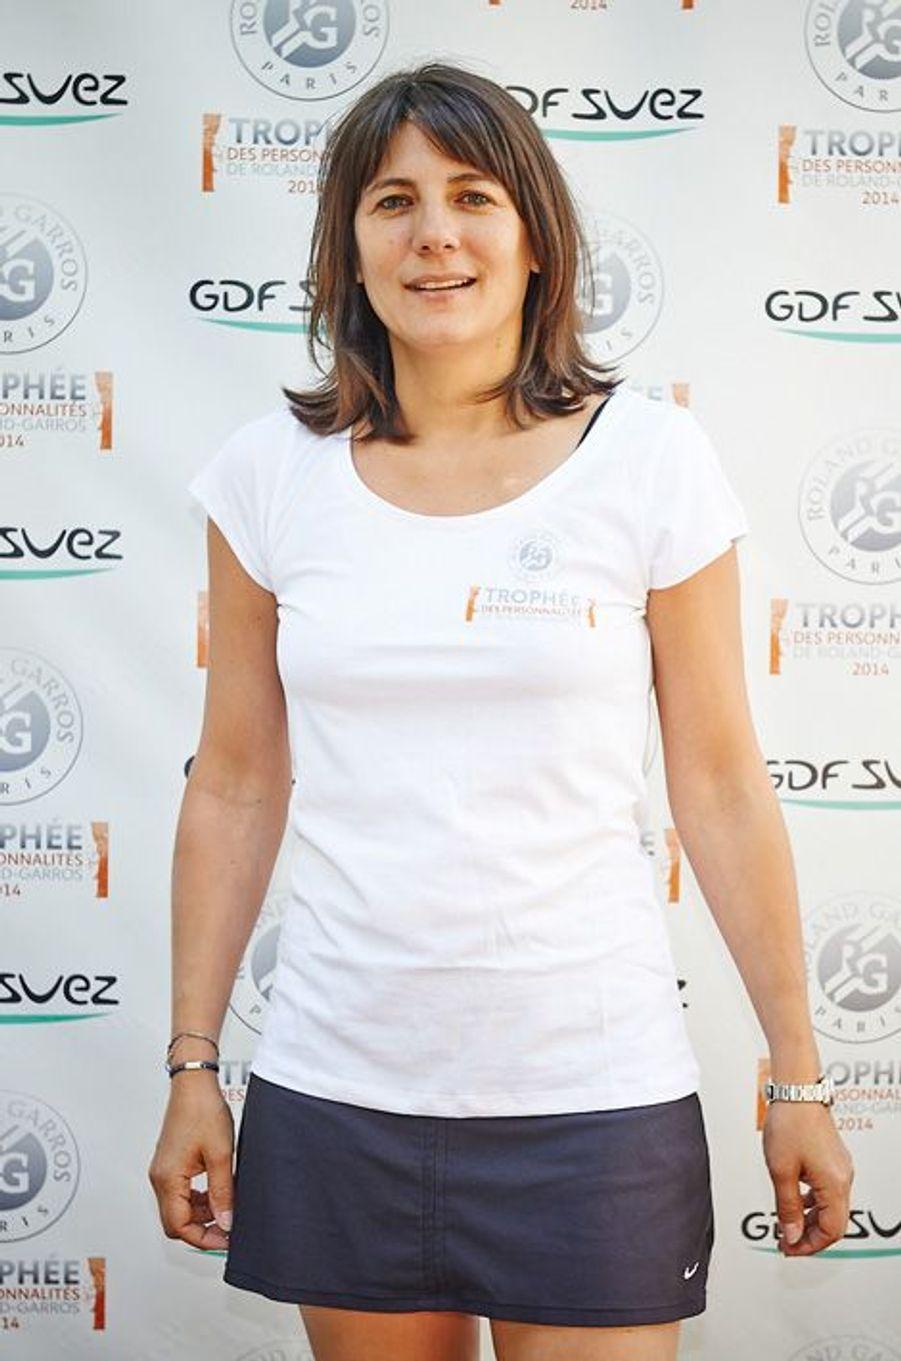 Chaque année, en marge de la compétition de Roland Garros, les personnalités françaises s'affrontent sur le court pendant le Trophée des personnalités. Lancée le 3 juin, l'édition 2014 s'est achevée vendredi, sous un soleil de plomb, avec la victoire d'Estelle Denis chez les Dames et de Sylvain Wiltord chez les Messieurs.